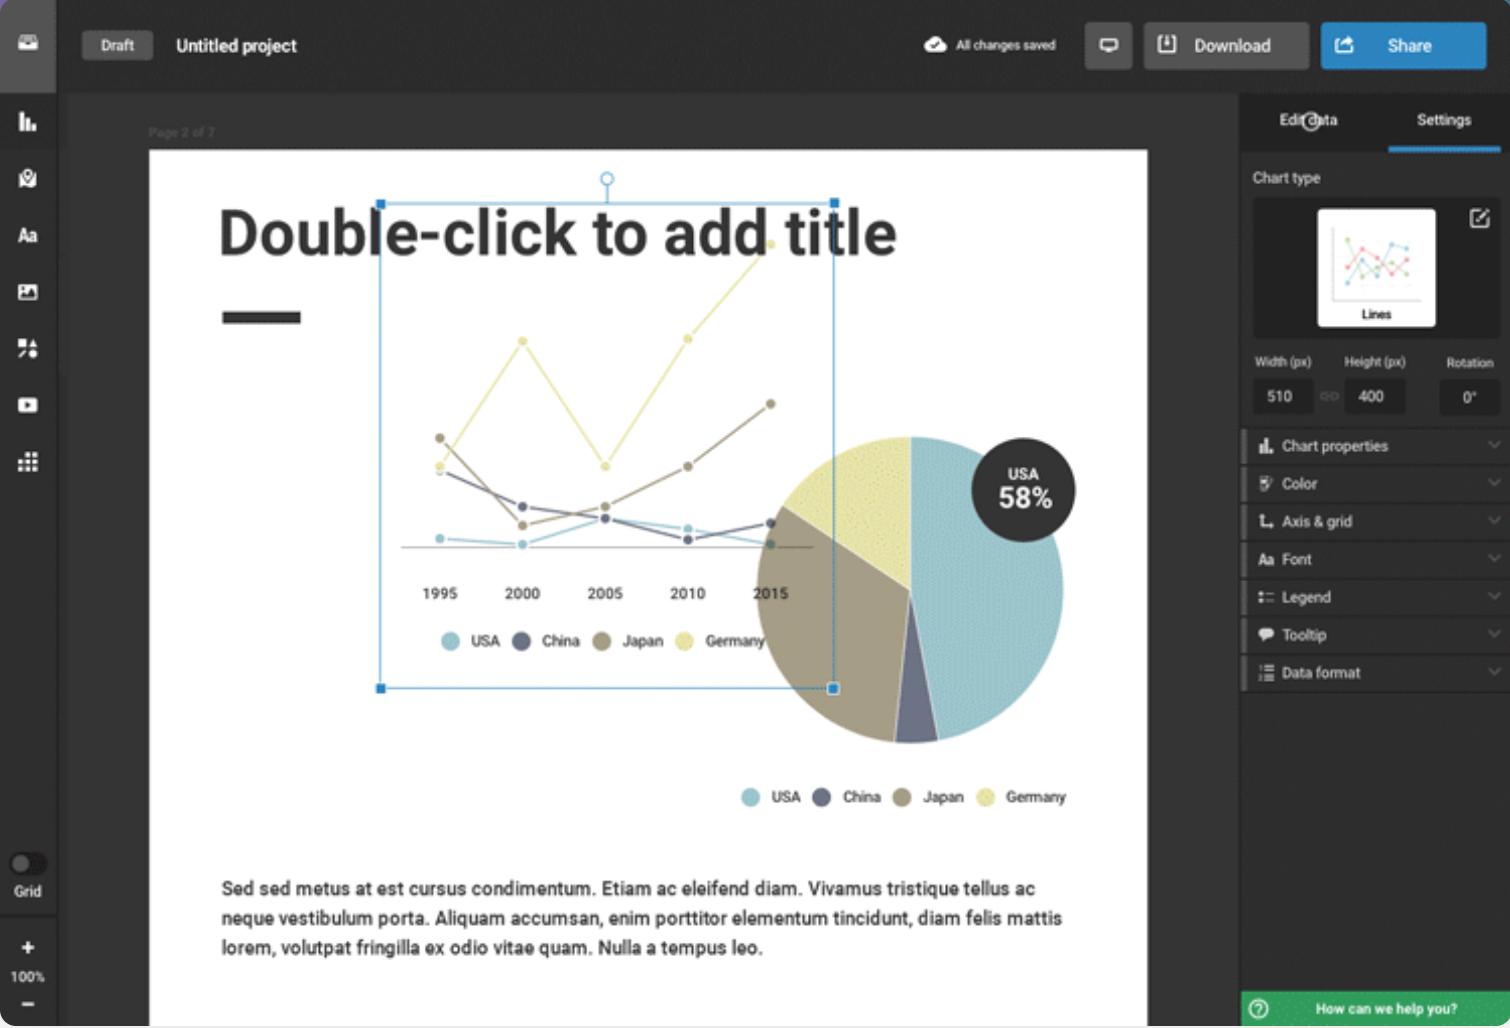 27 бесплатных сервисов для создания визуального контента без дизайнера - 6